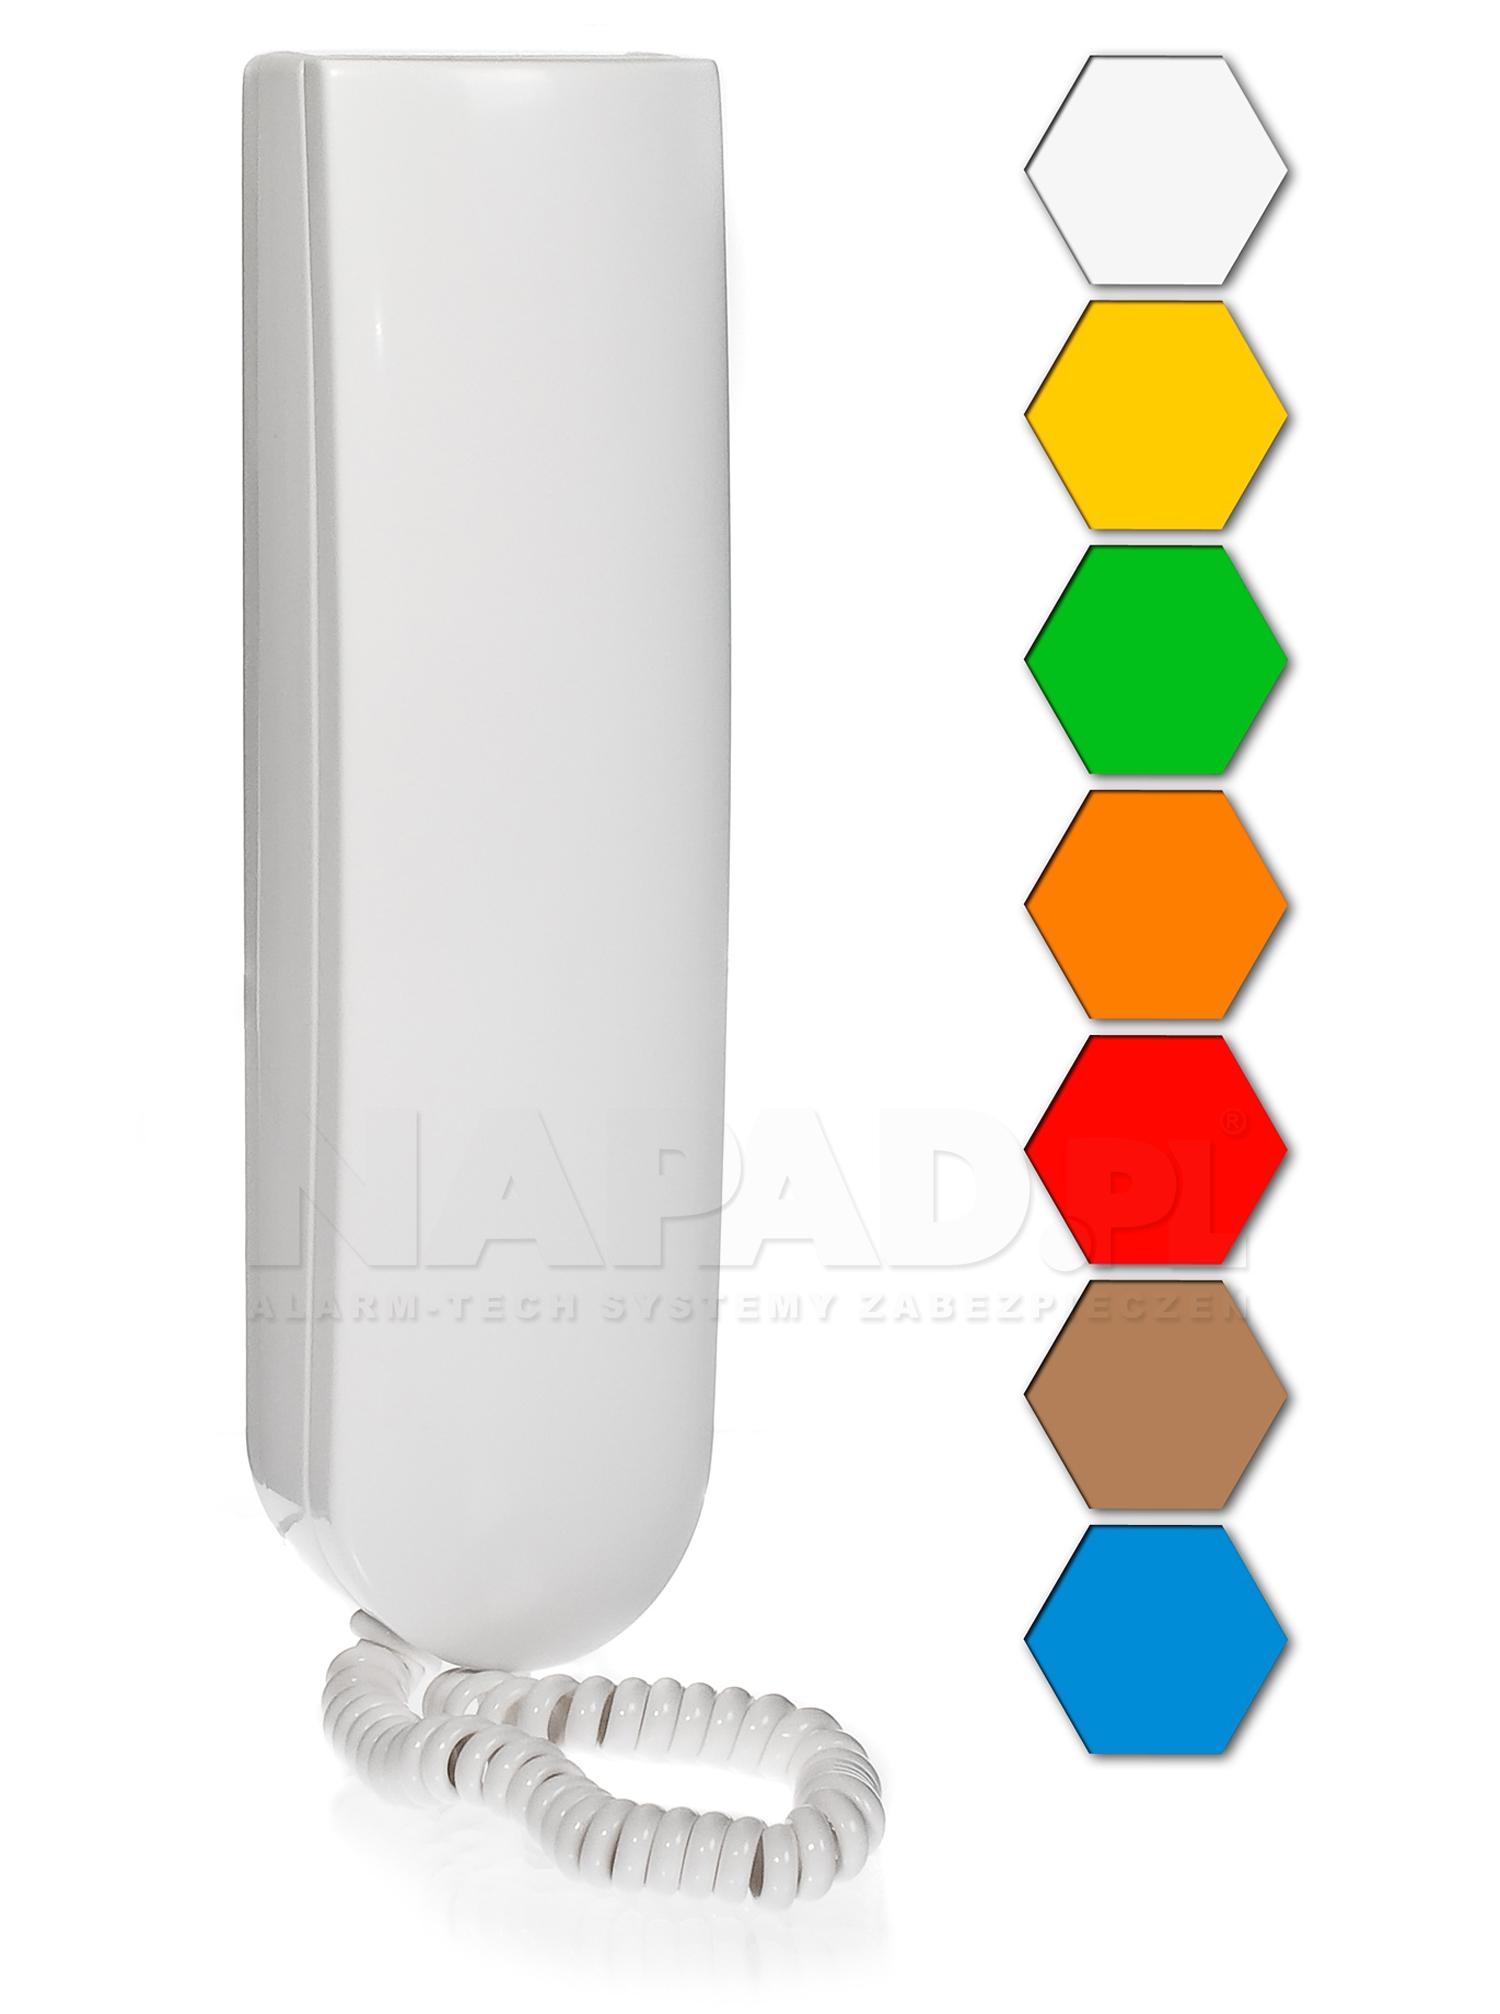 Unifon cyfrowy LM-8/W-5